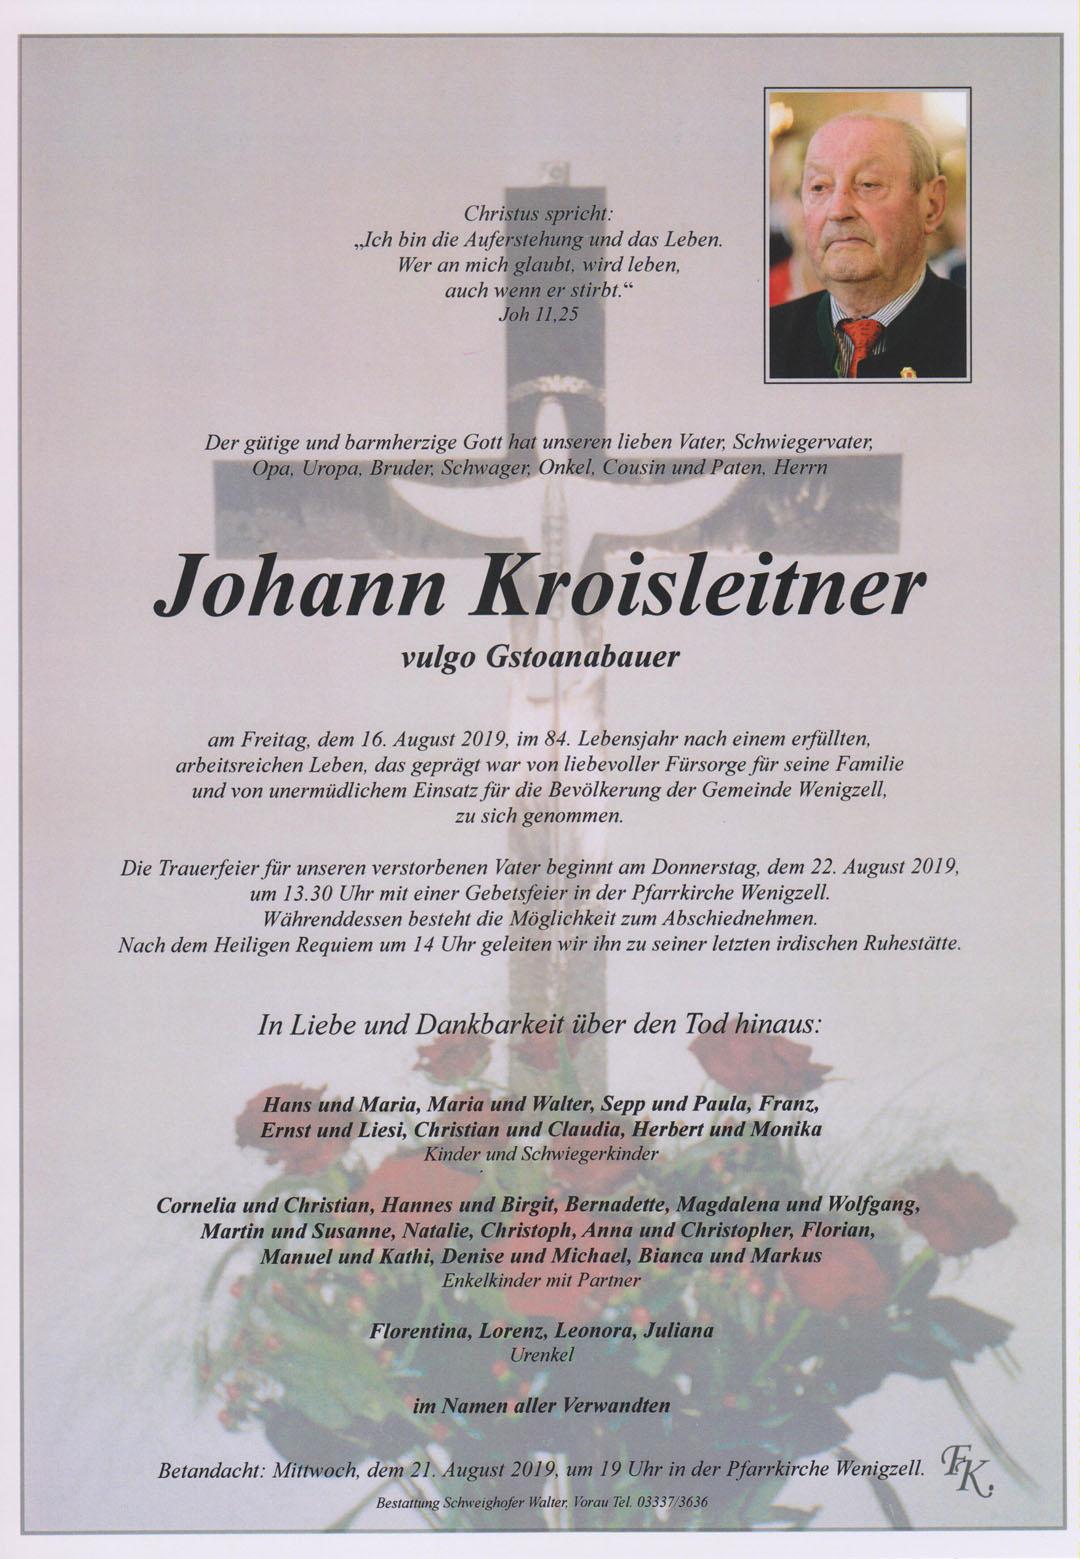 Johann Kroisleitner